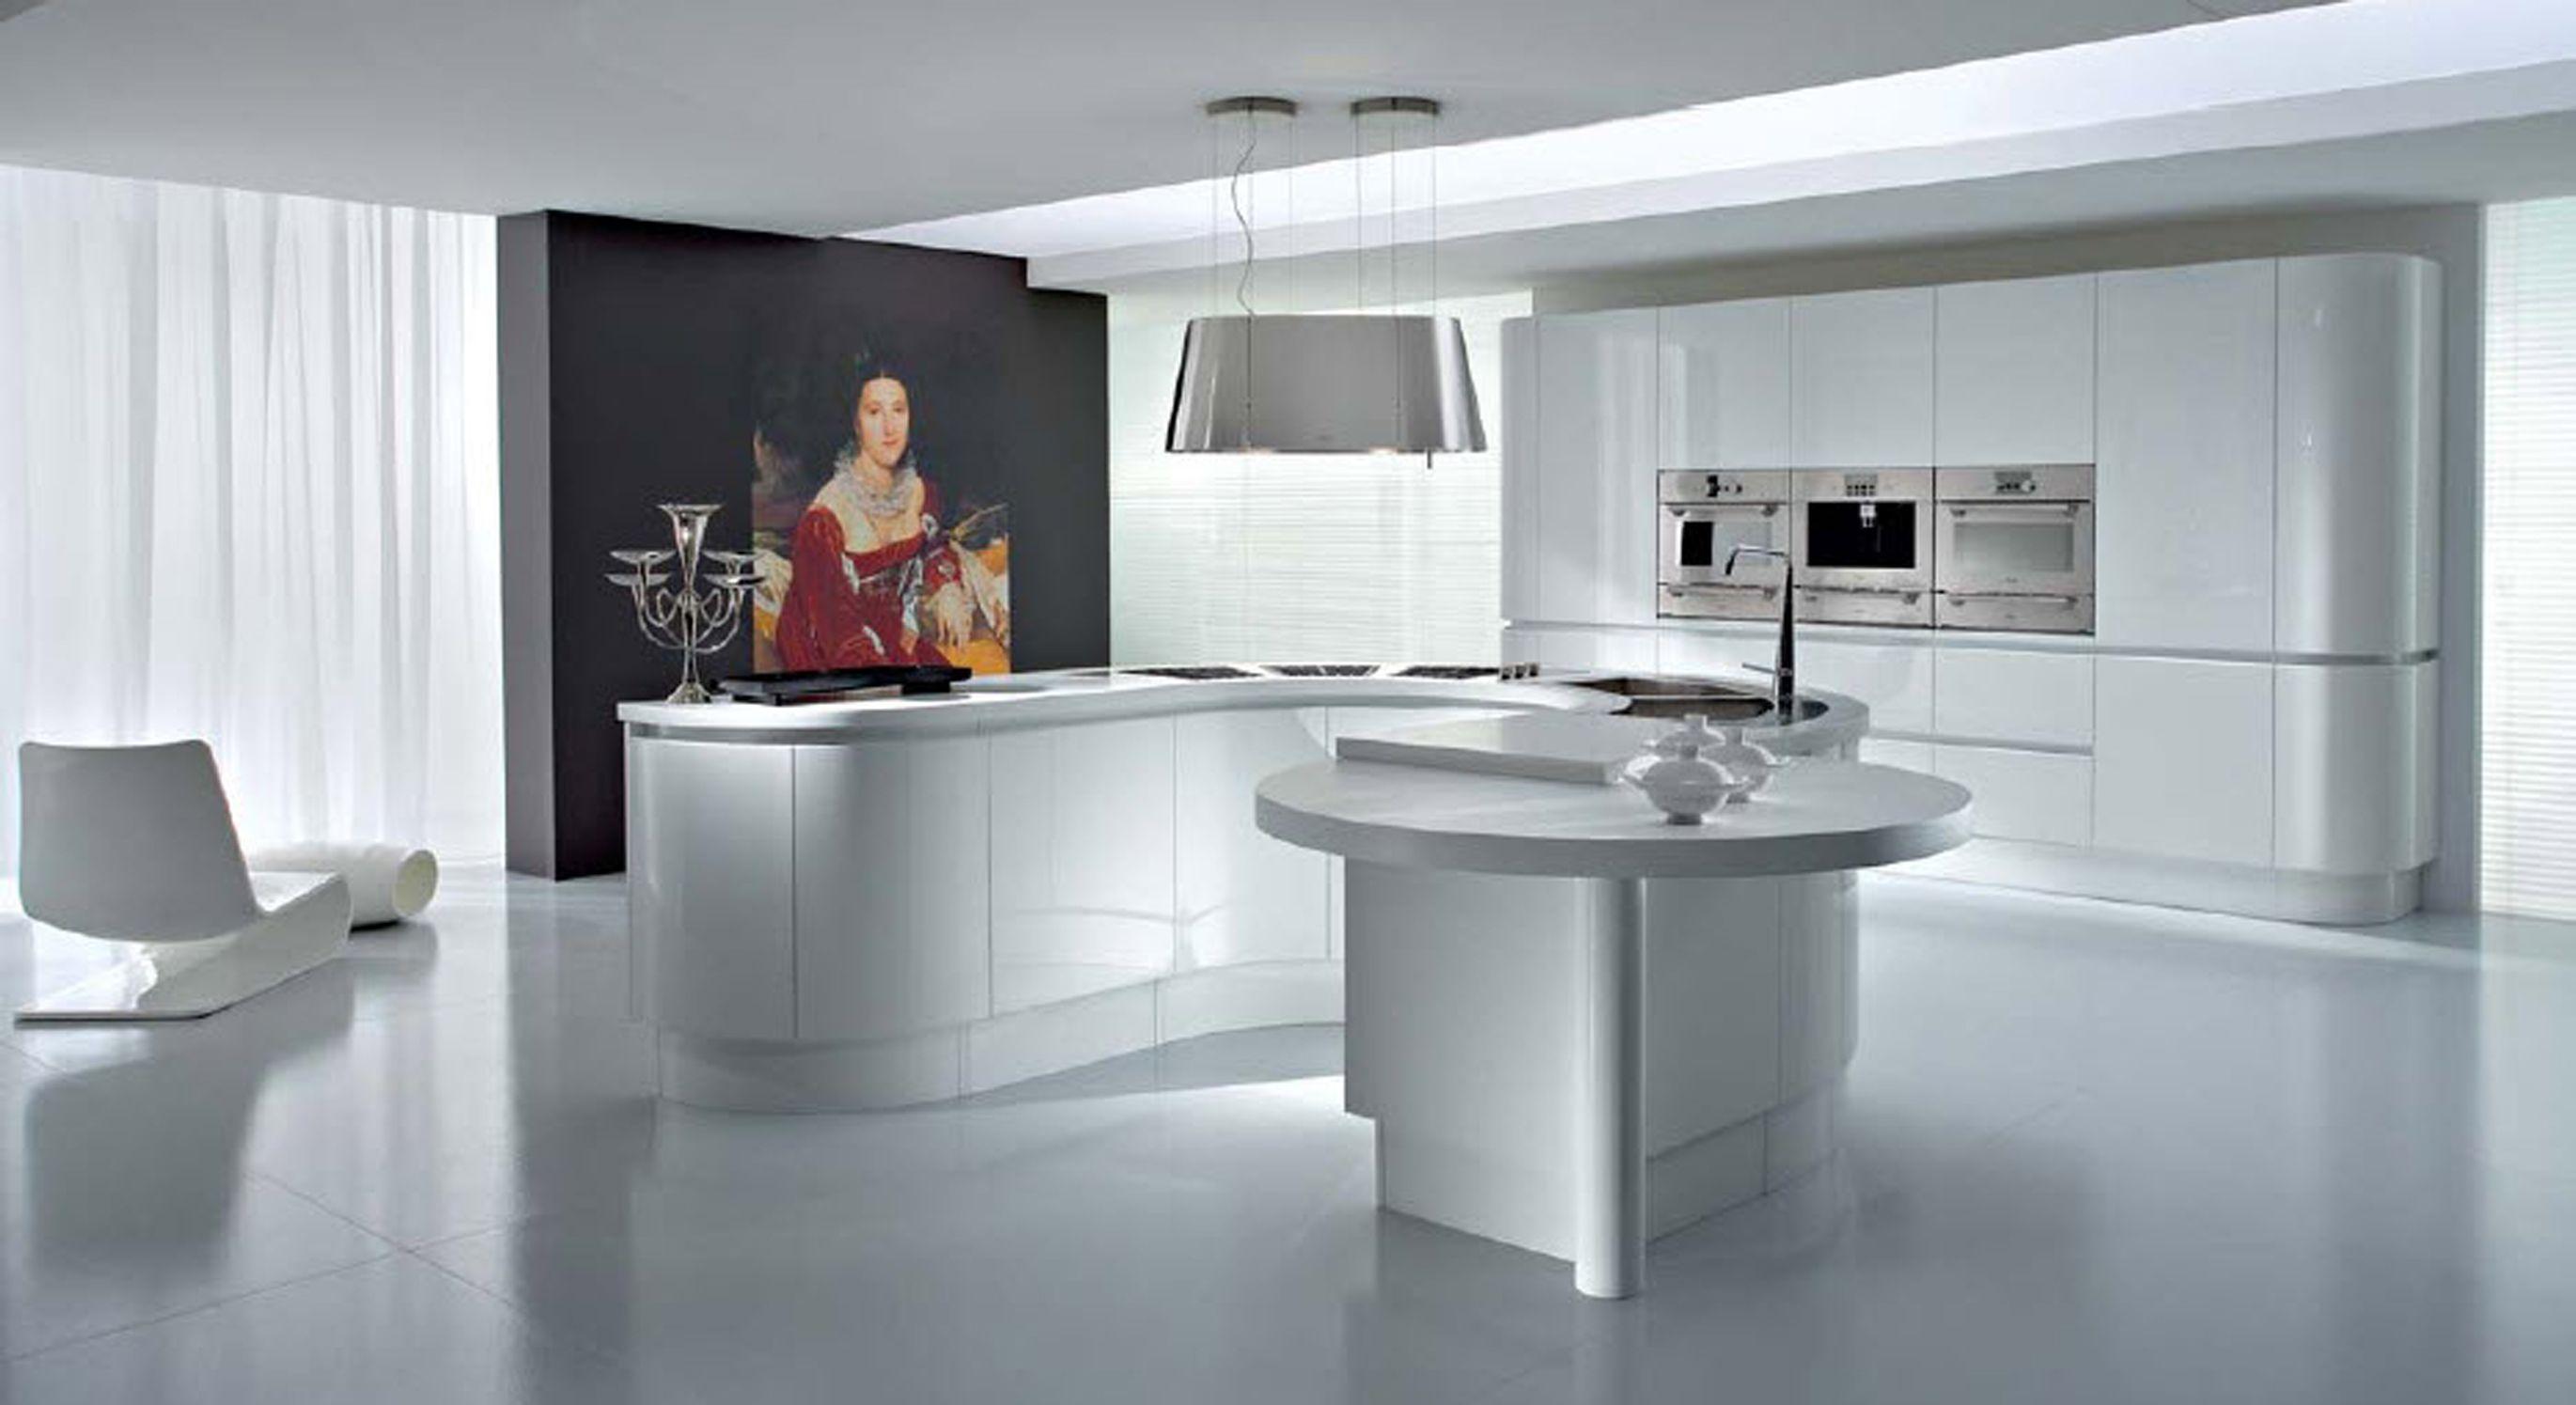 kitchen designs ideas photos old world kitchen design ideas kitchen ...